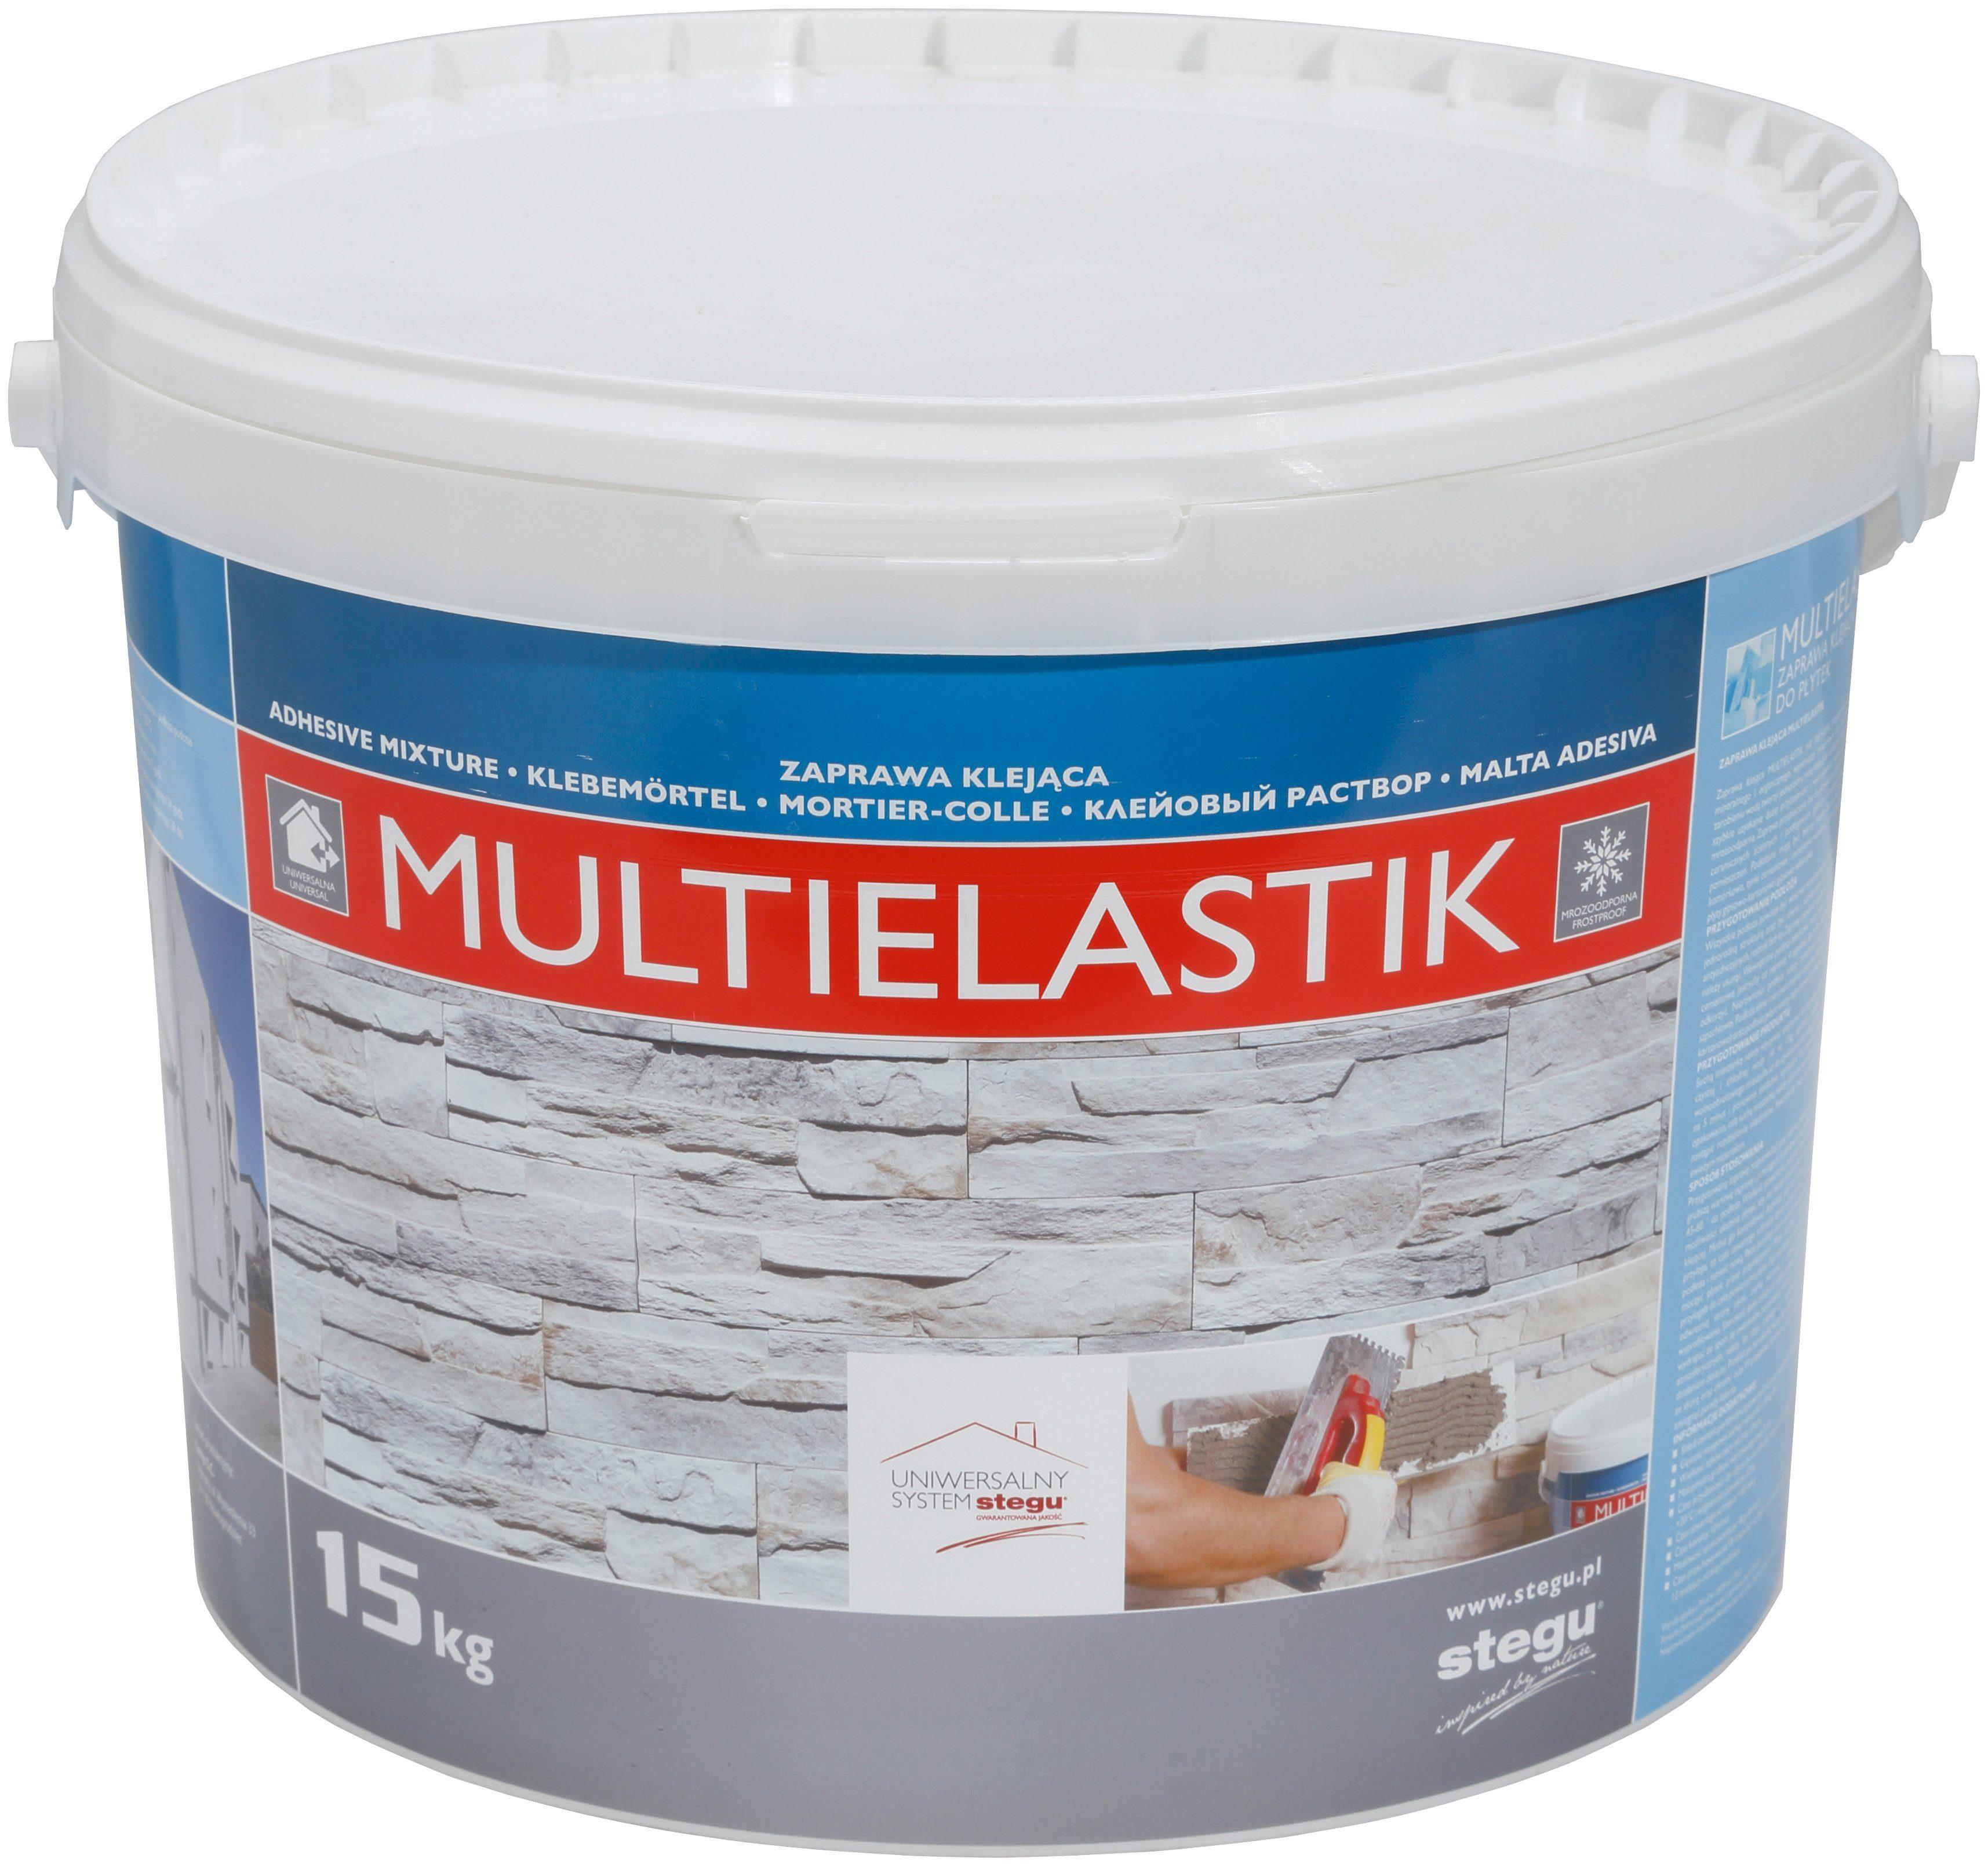 STEGU Kleber »Multielastik Klebemörtel«, M-ELA